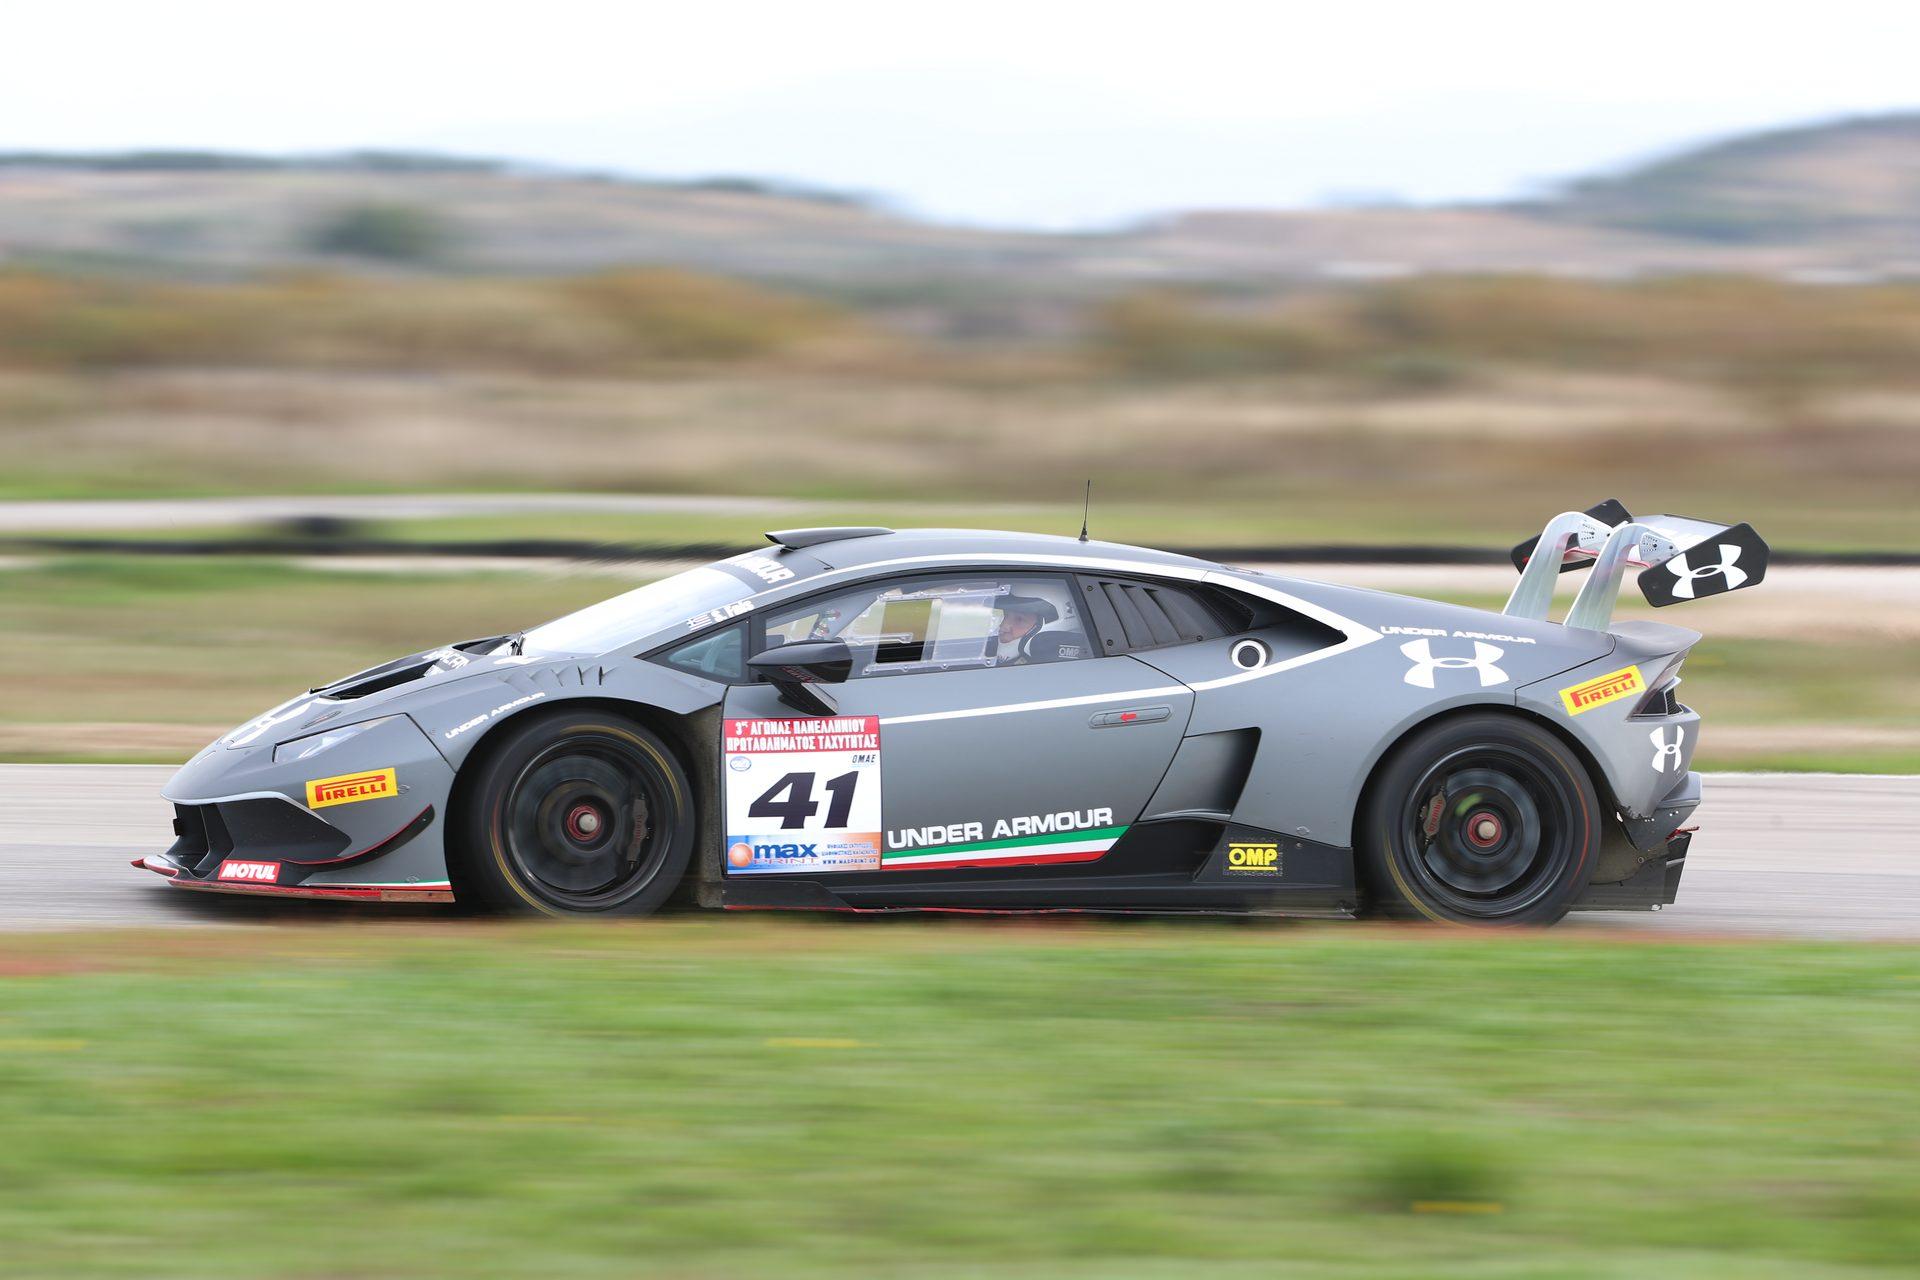 Ταχύτητα dating Le Mans 2014